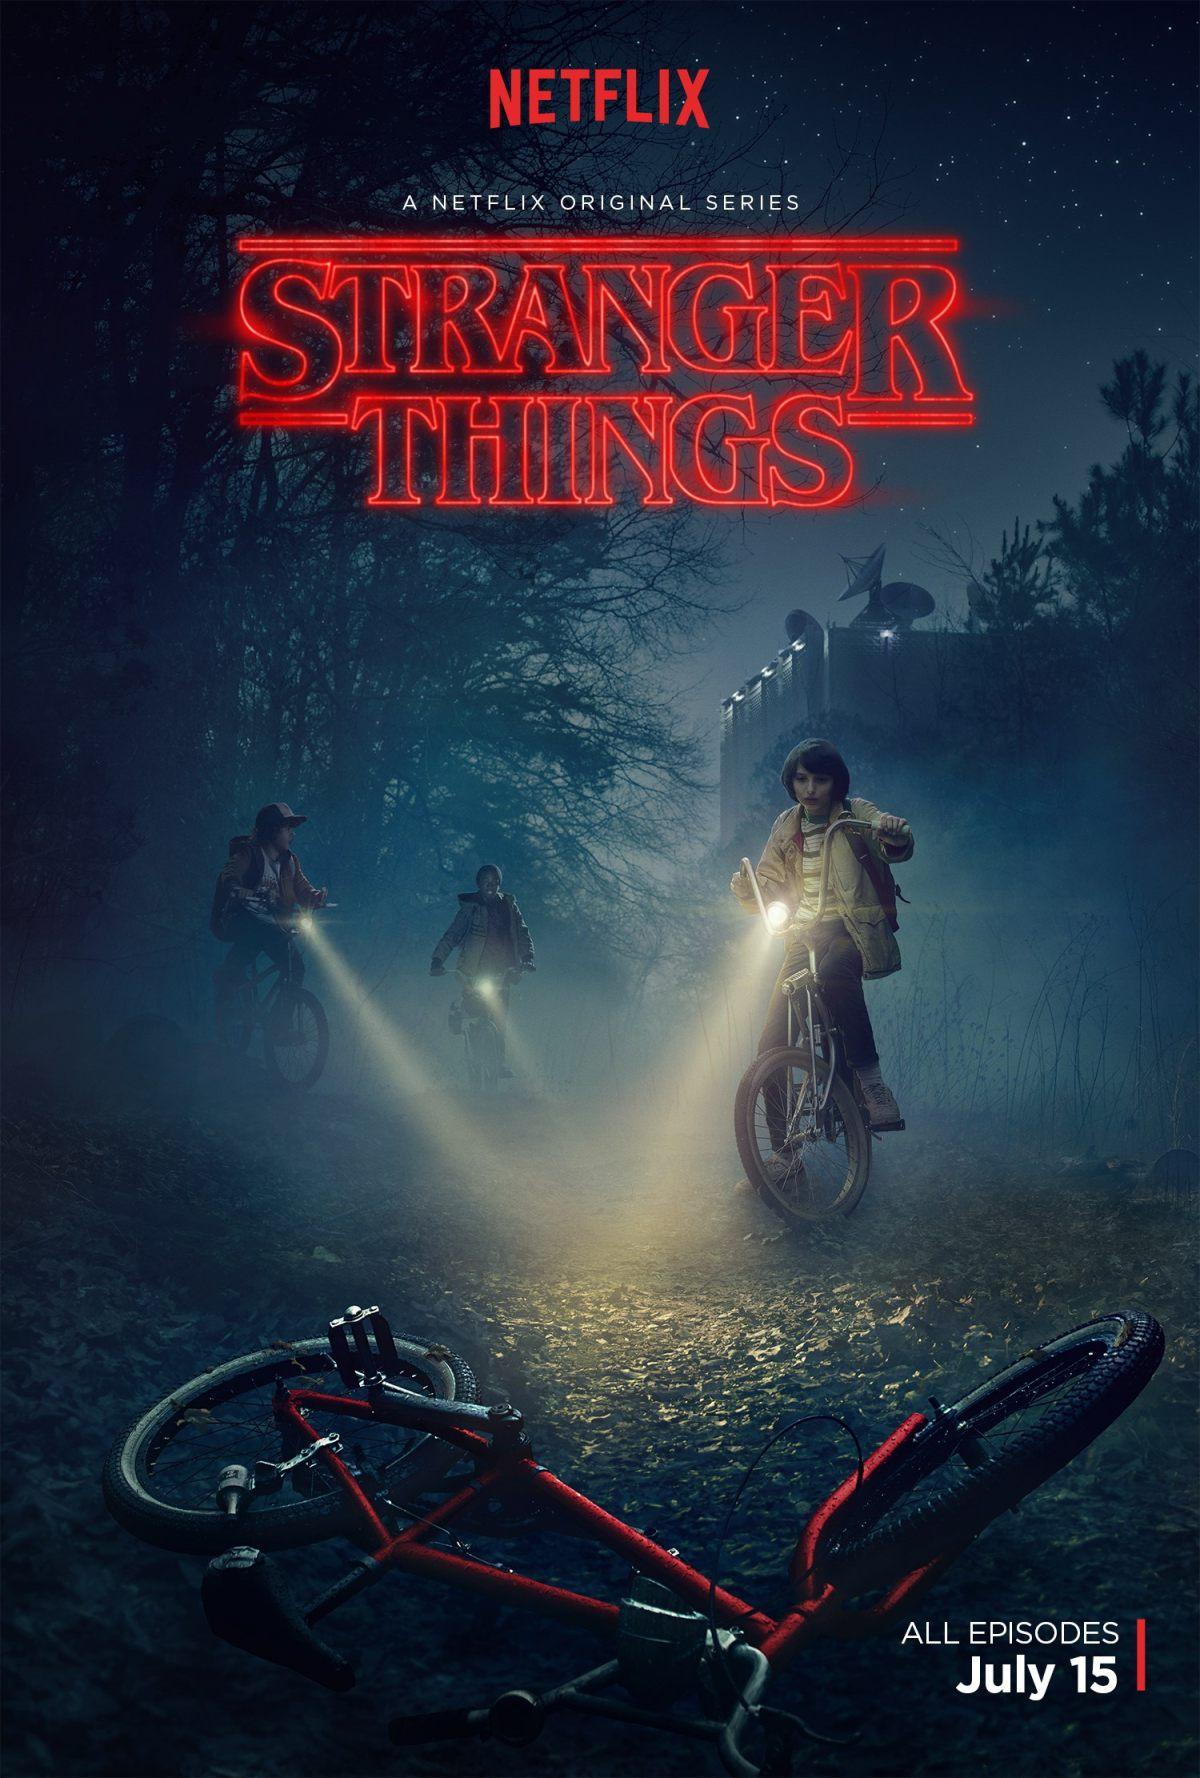 stranger-things-poster_1200_1778_81_s